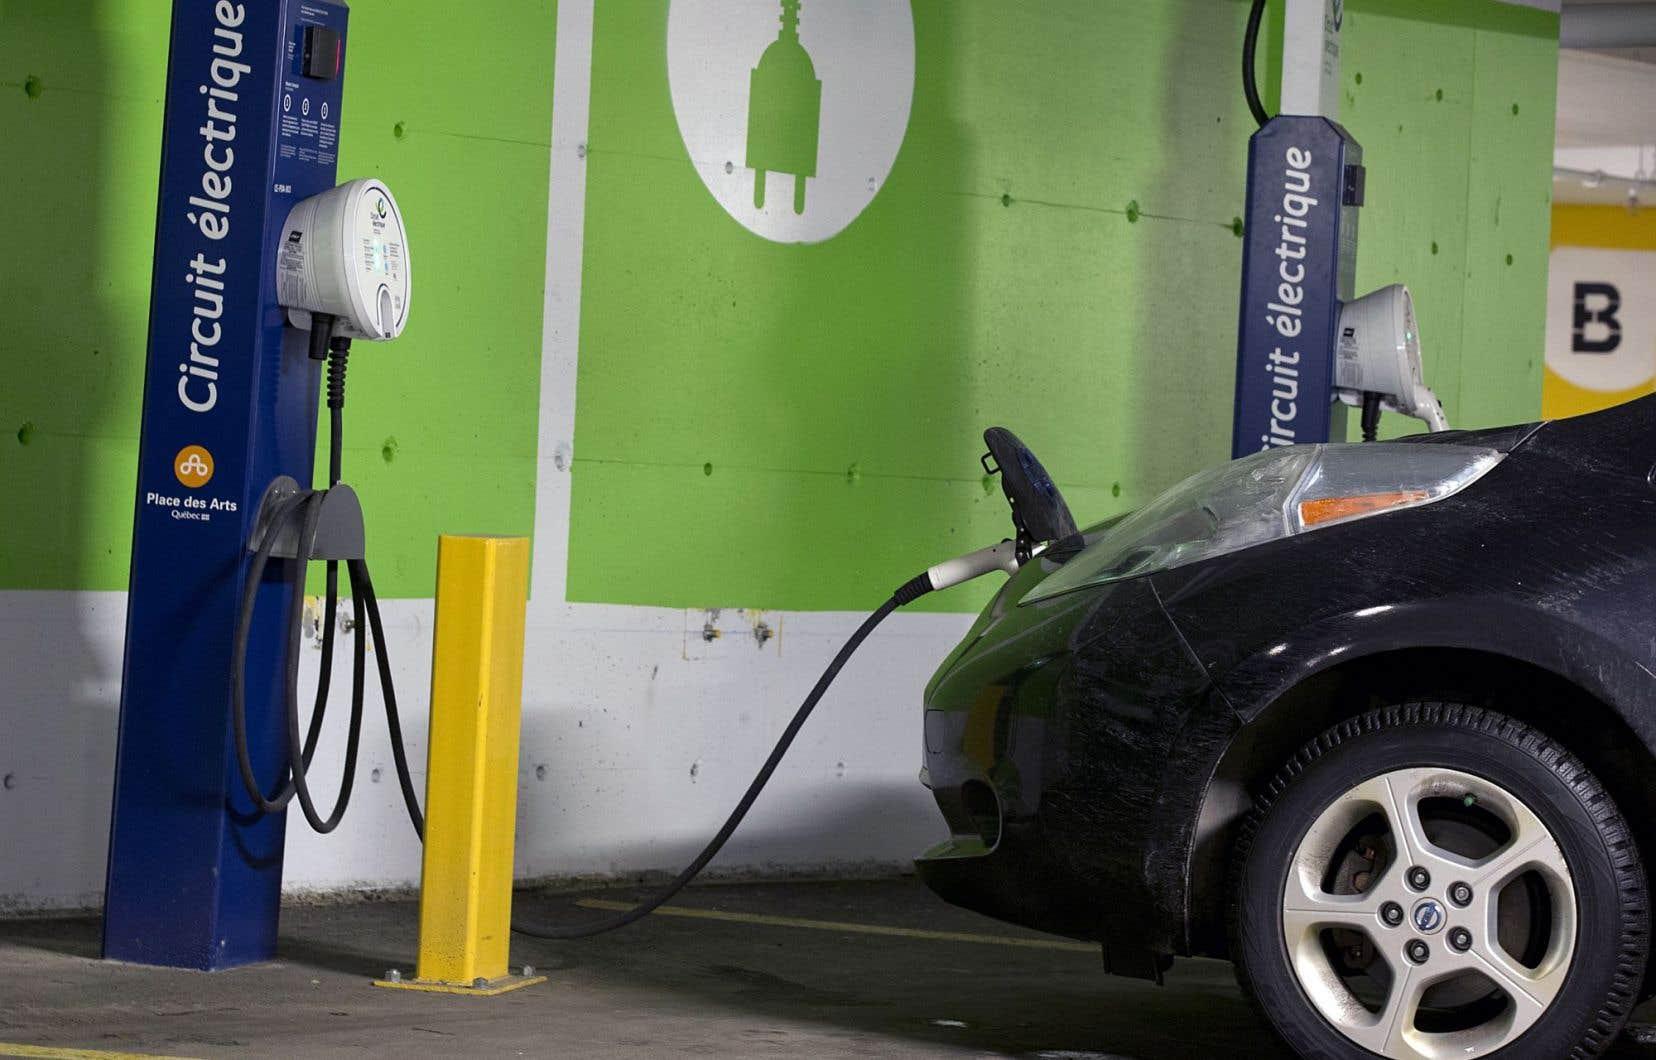 Pour l'instant, les voitures électriques ne représenteraient que 0,5% des ventes automobiles au Québec.